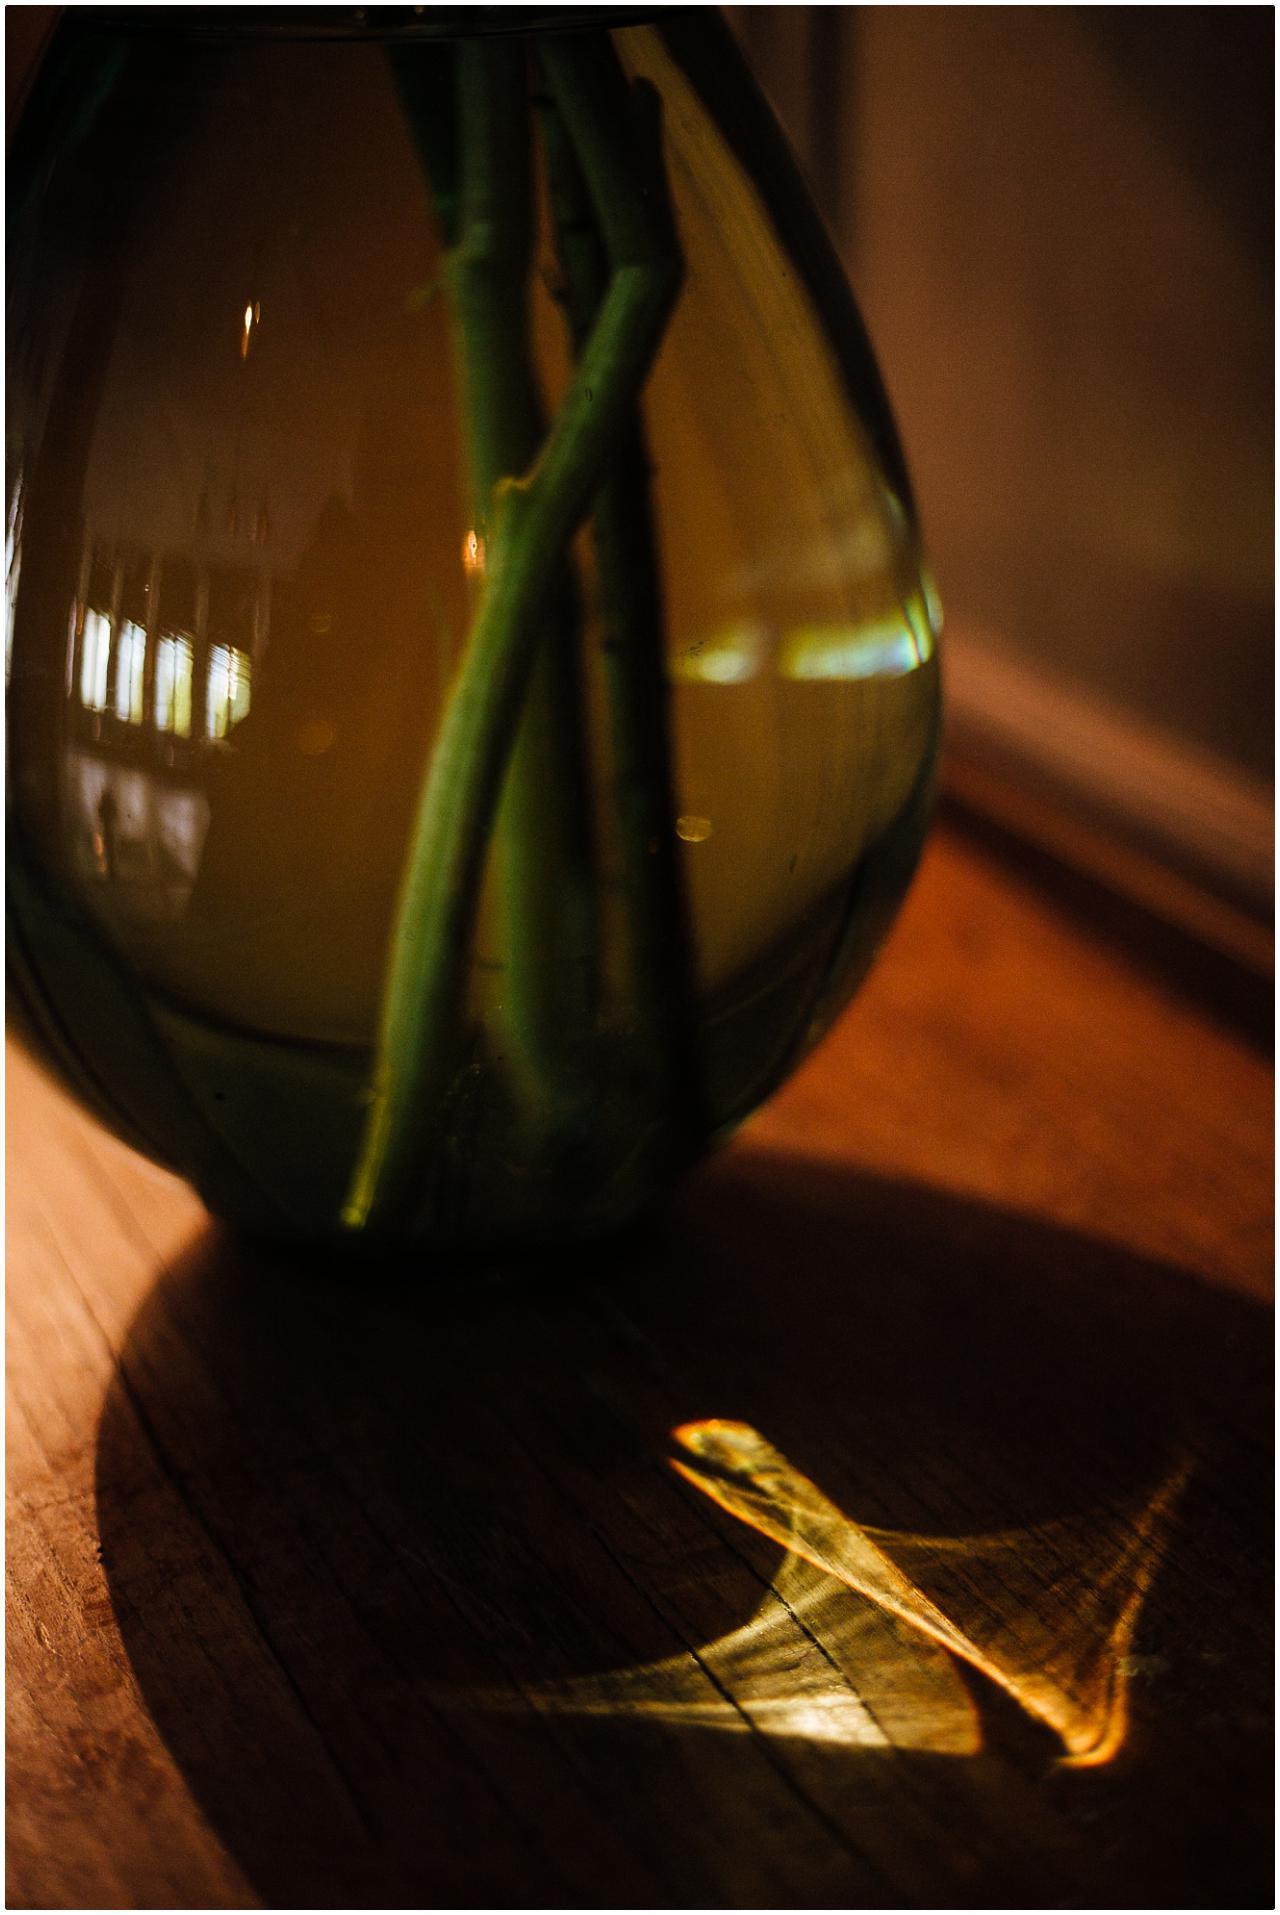 Eine Vase bricht das Sonnenlicht in ein vogelförmiges Muster